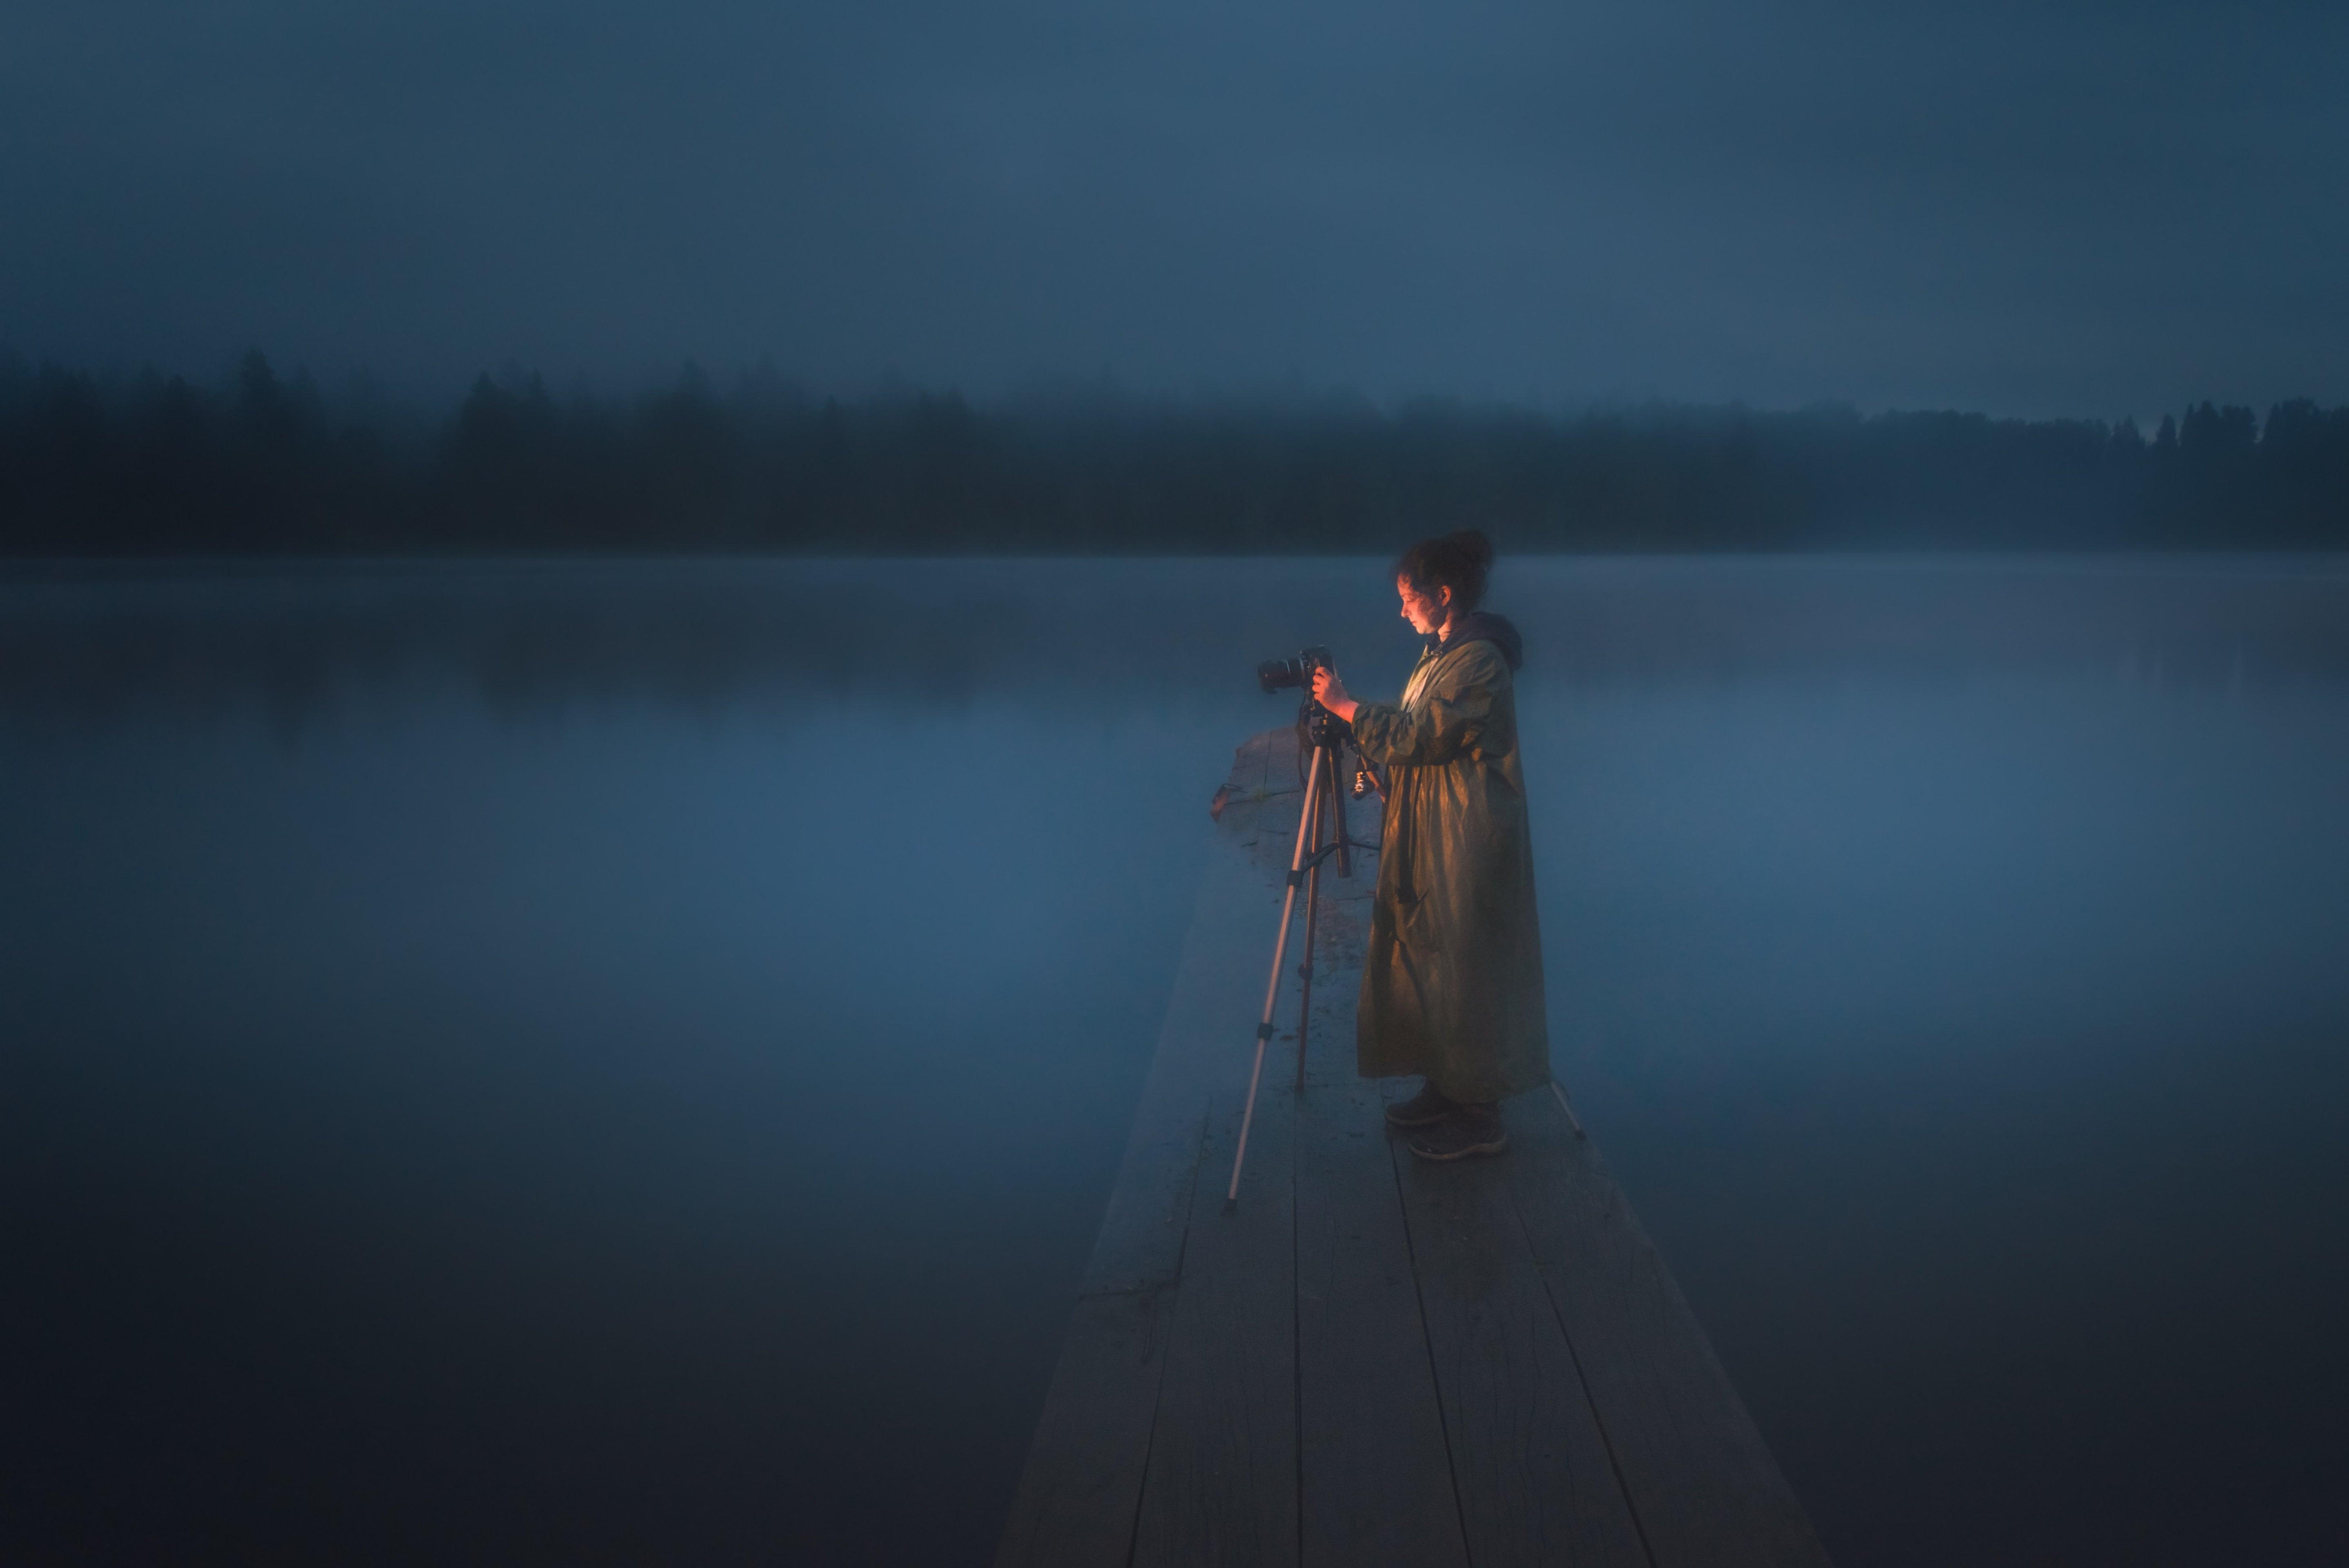 #алтай #салаир #салаирскийкряж #longexposure #night #woman #landscape #pond #mist #haze #fog #photographer #altaikrai #salair #water #night #пейзаж #женщина #модель #ночь #фотограф #magic, Денис Соломахин